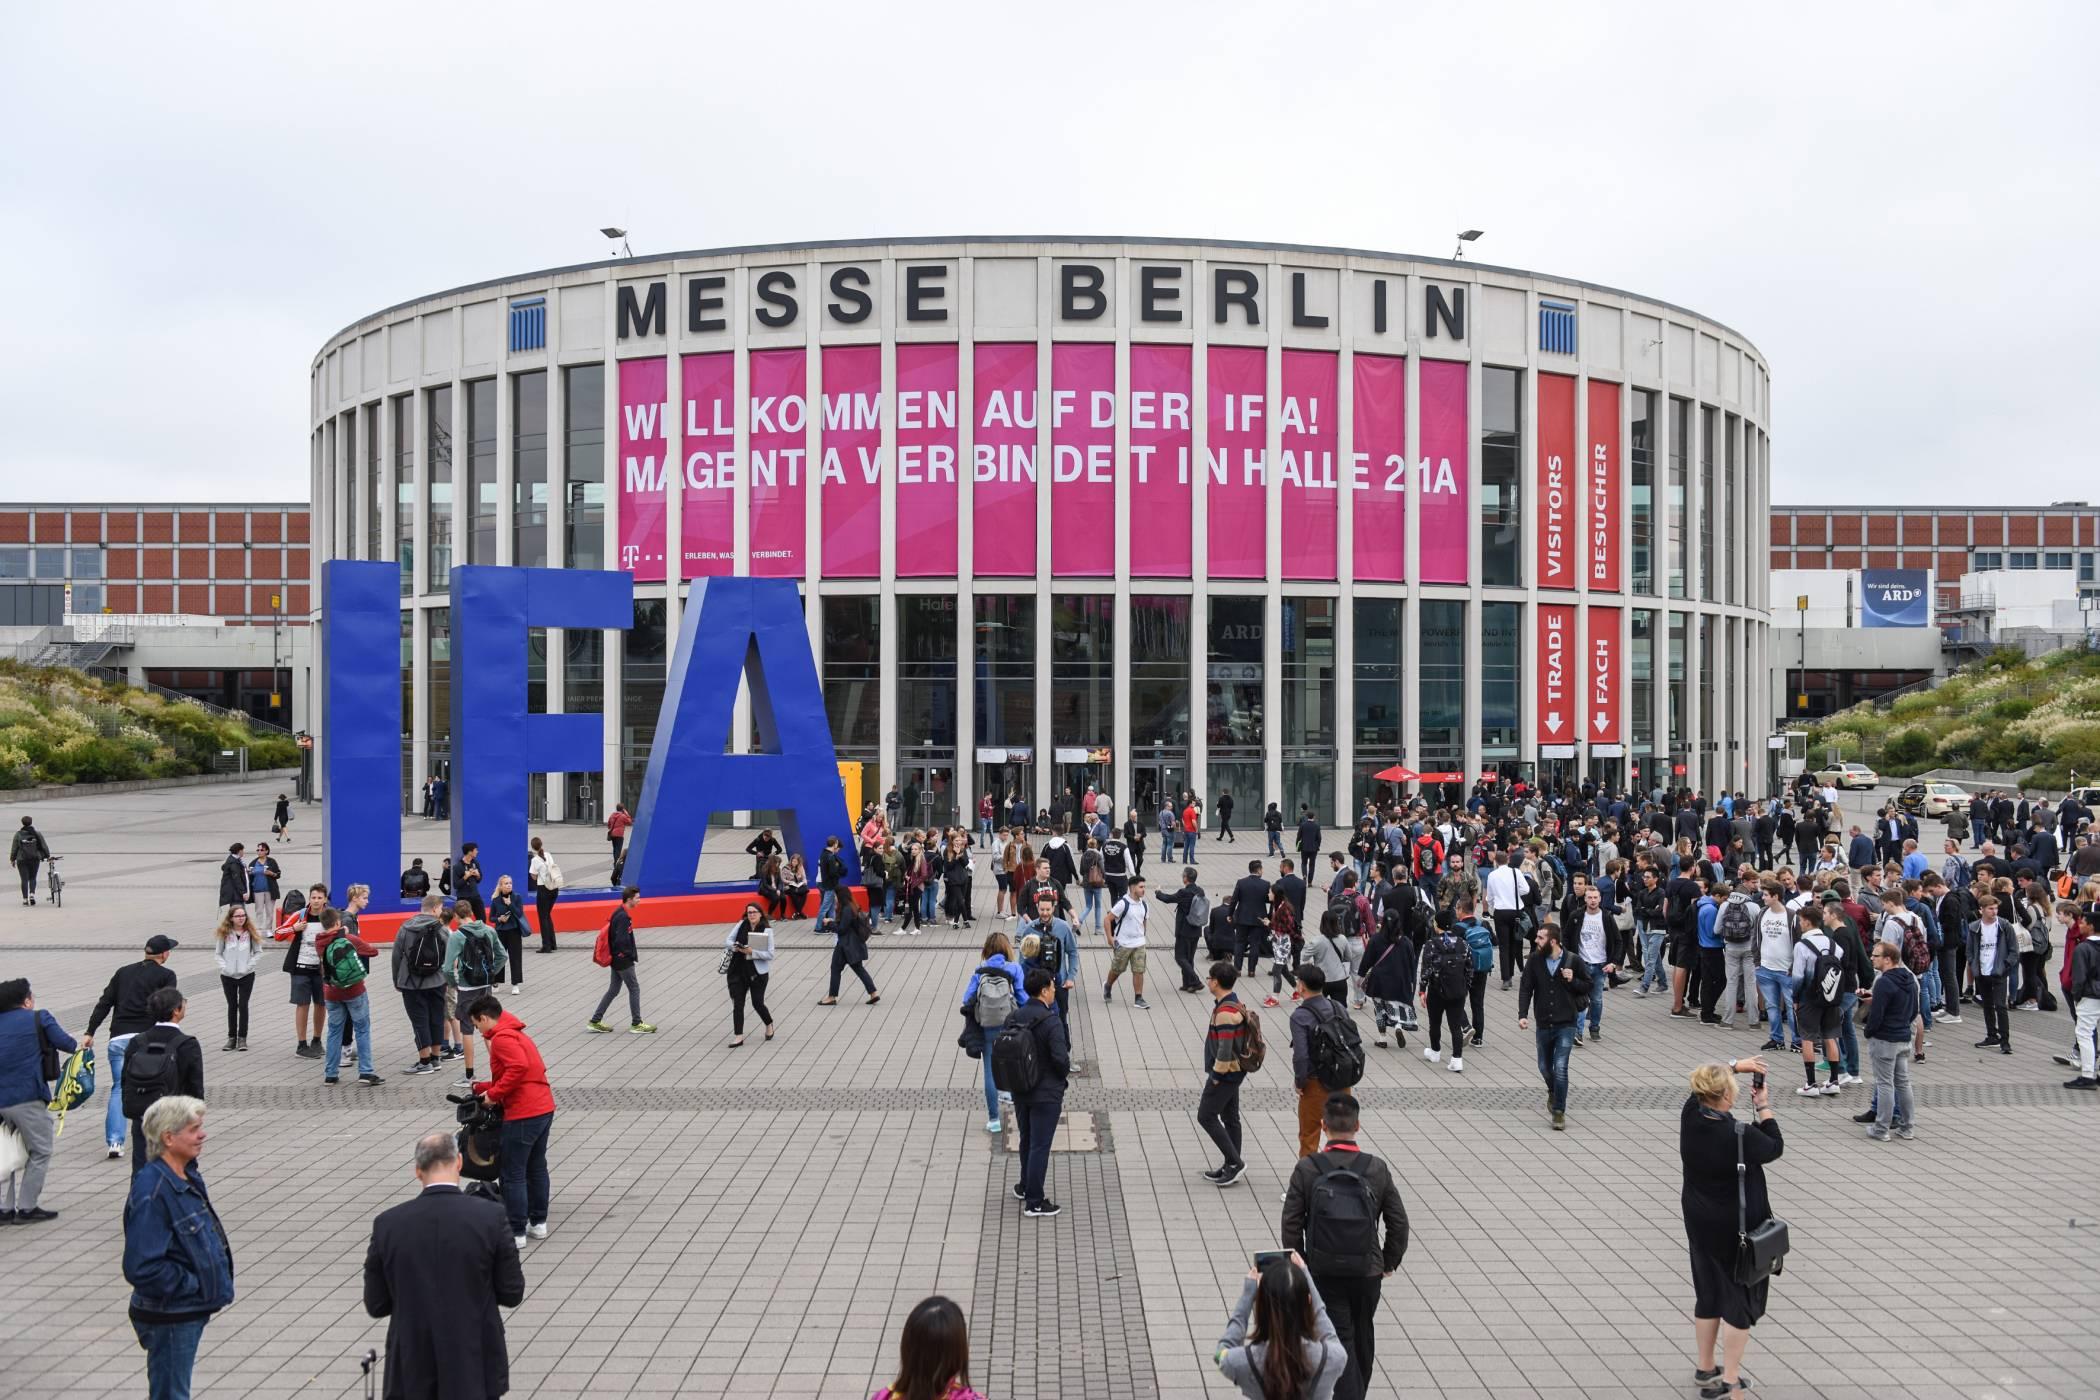 IFA 2018: Технологичният ритъм на Берлин (обзор)